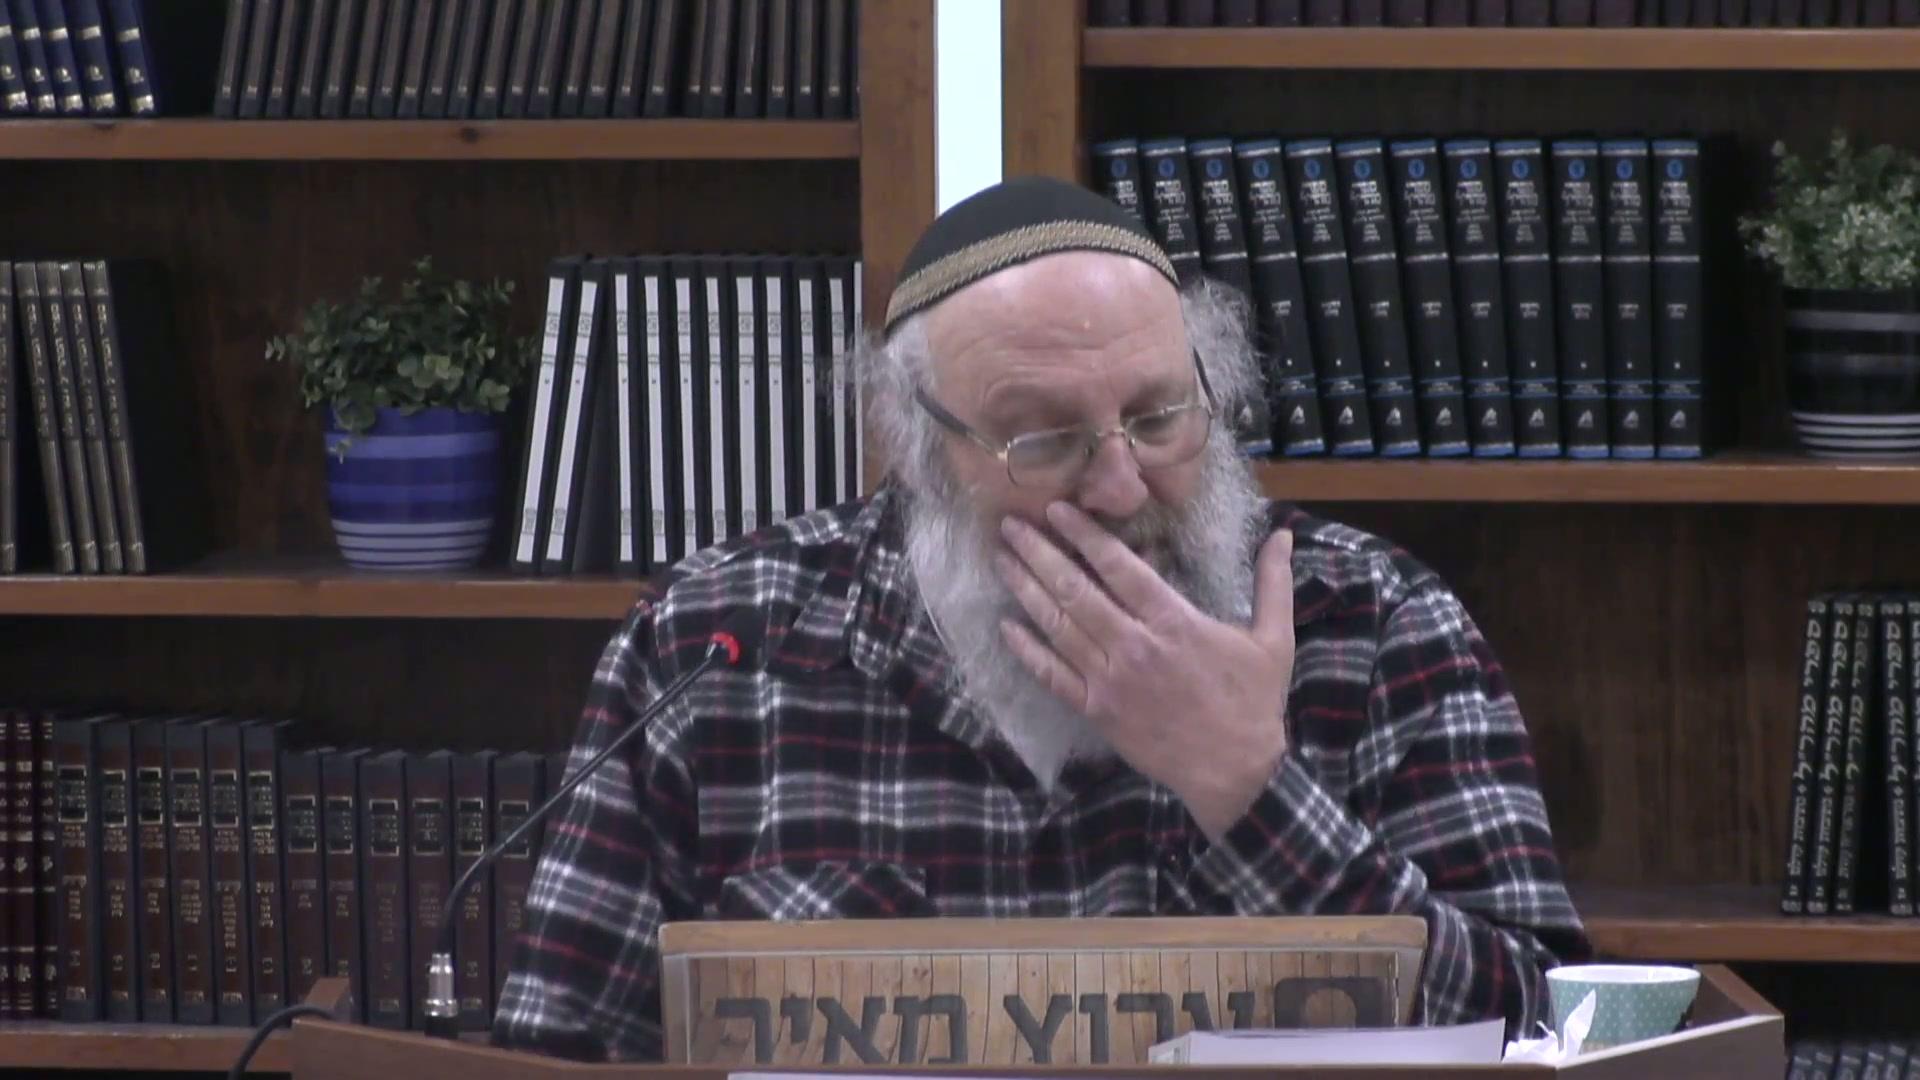 חיזוק האמונה ויראה כדי שמדינת ישראל תבנה ותכונן - על ידי ספרות אמונית טהורה